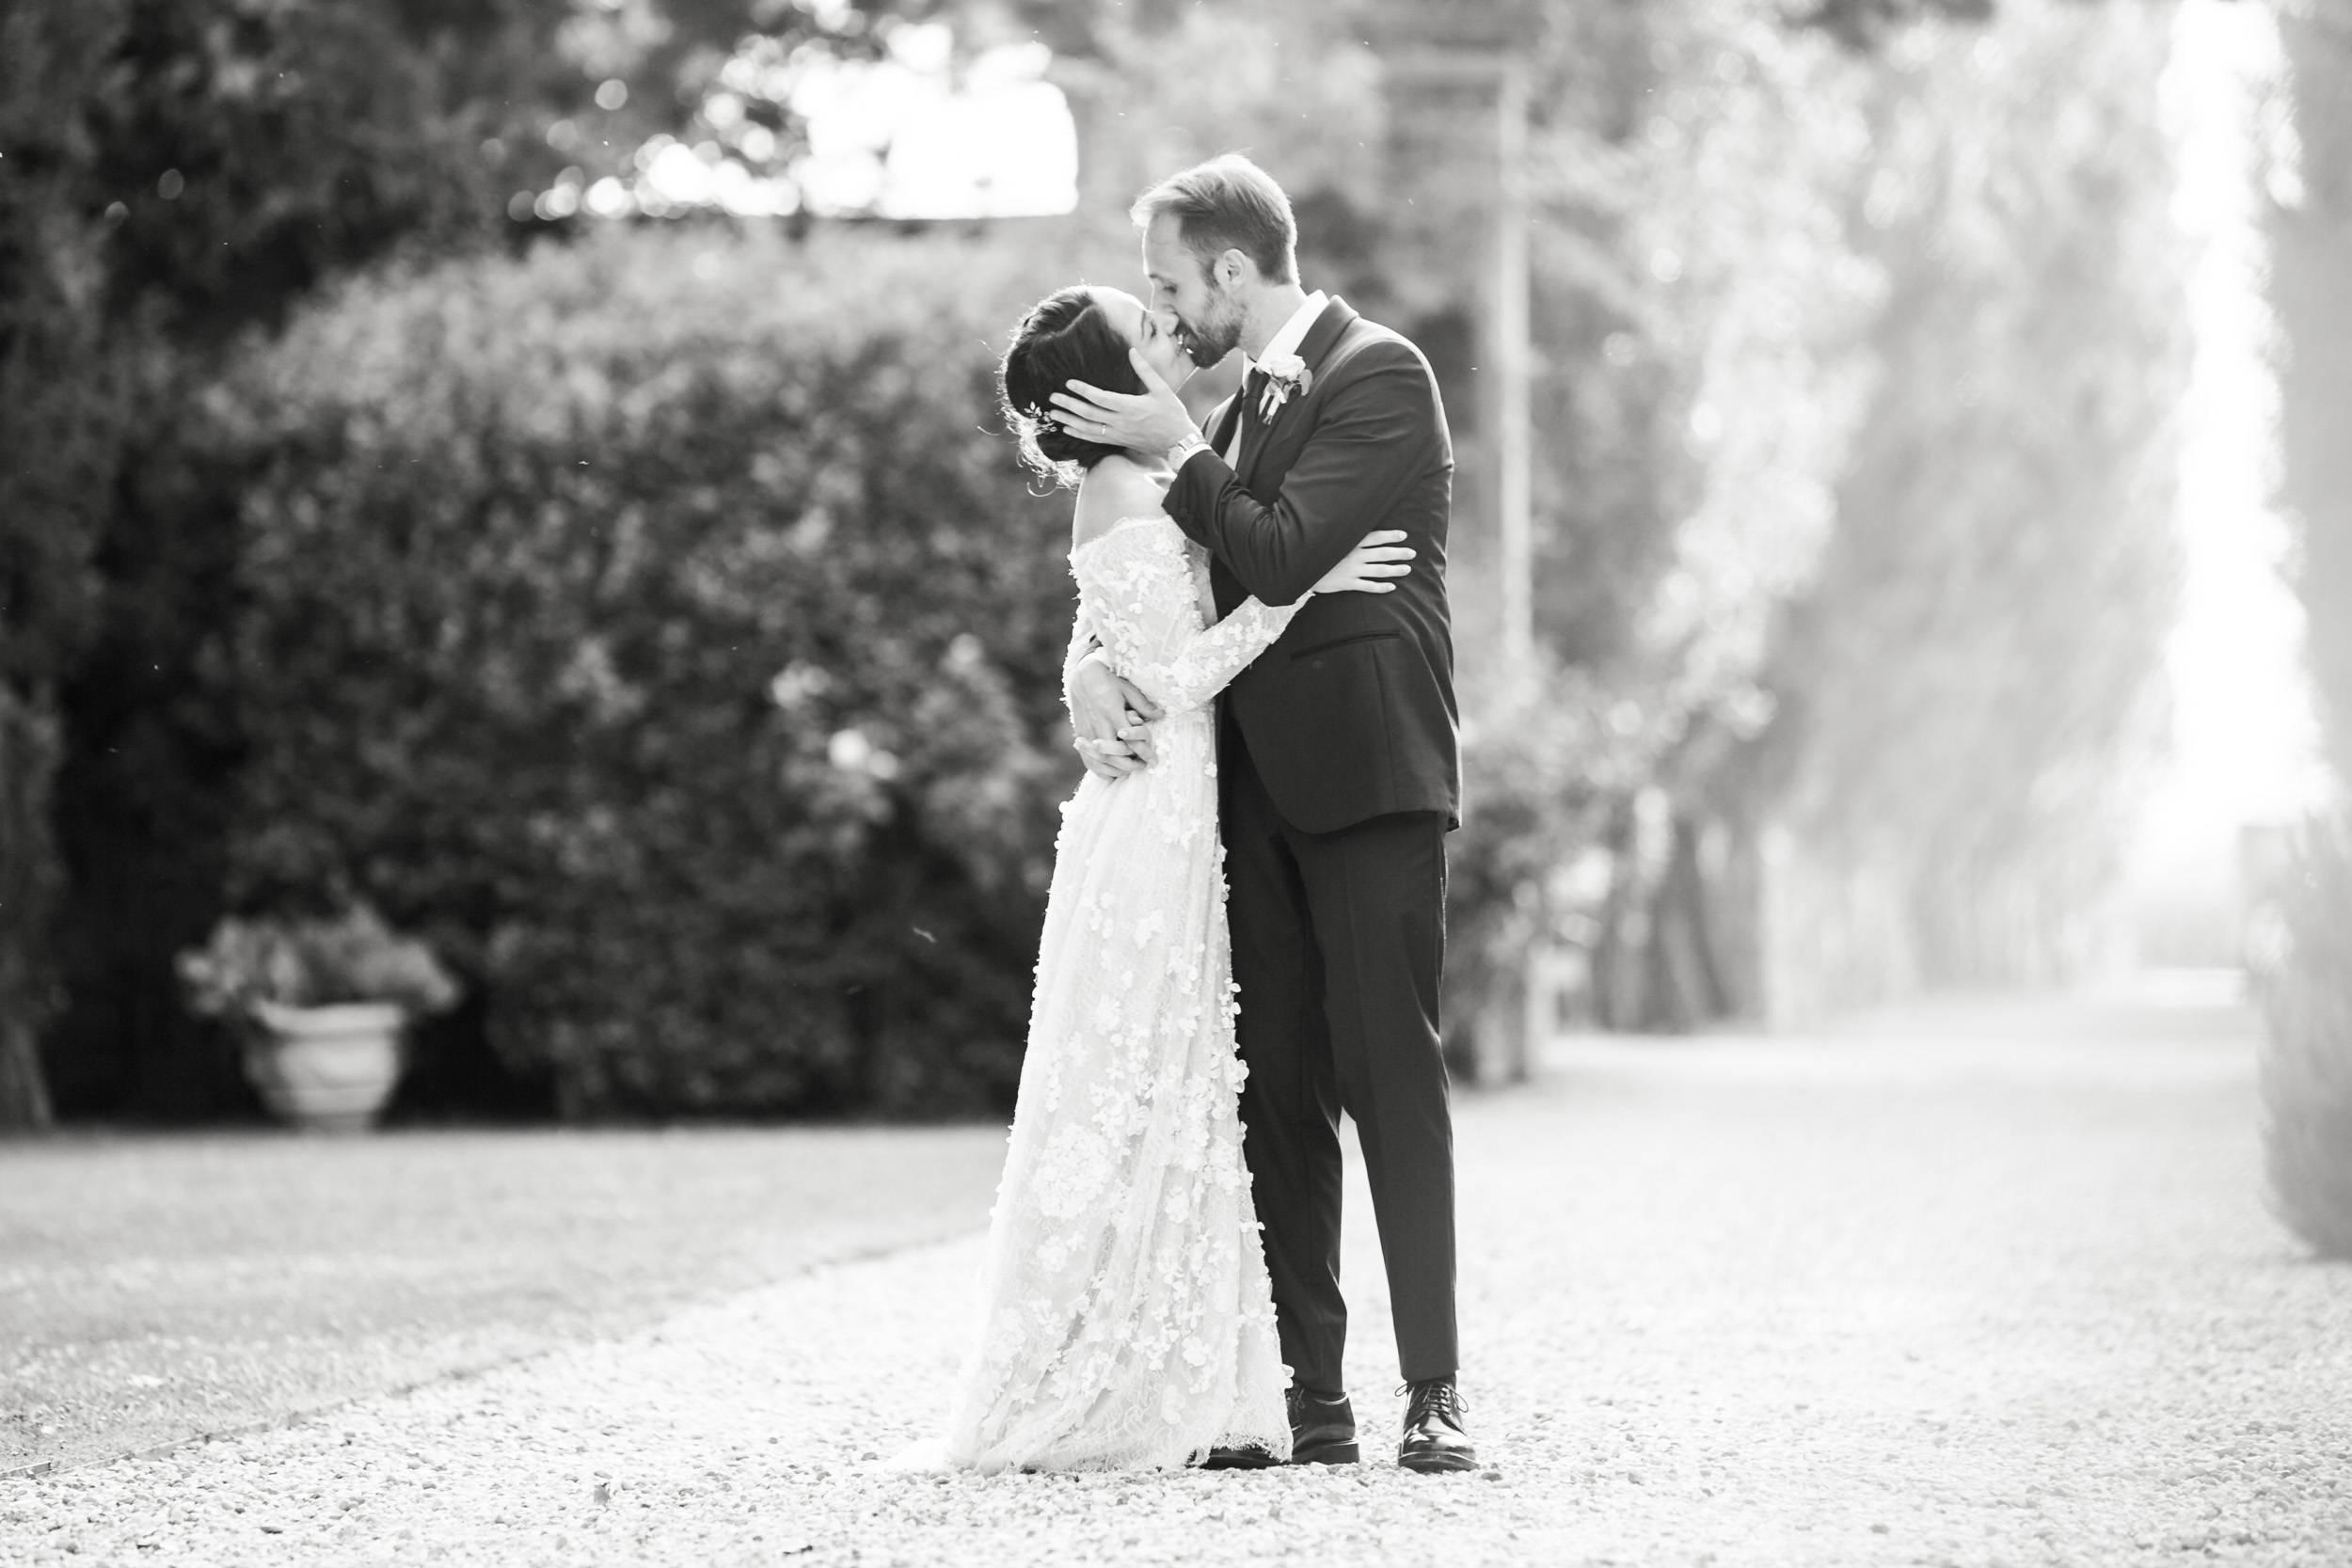 matrimonio_convento_annunciata_BA-071